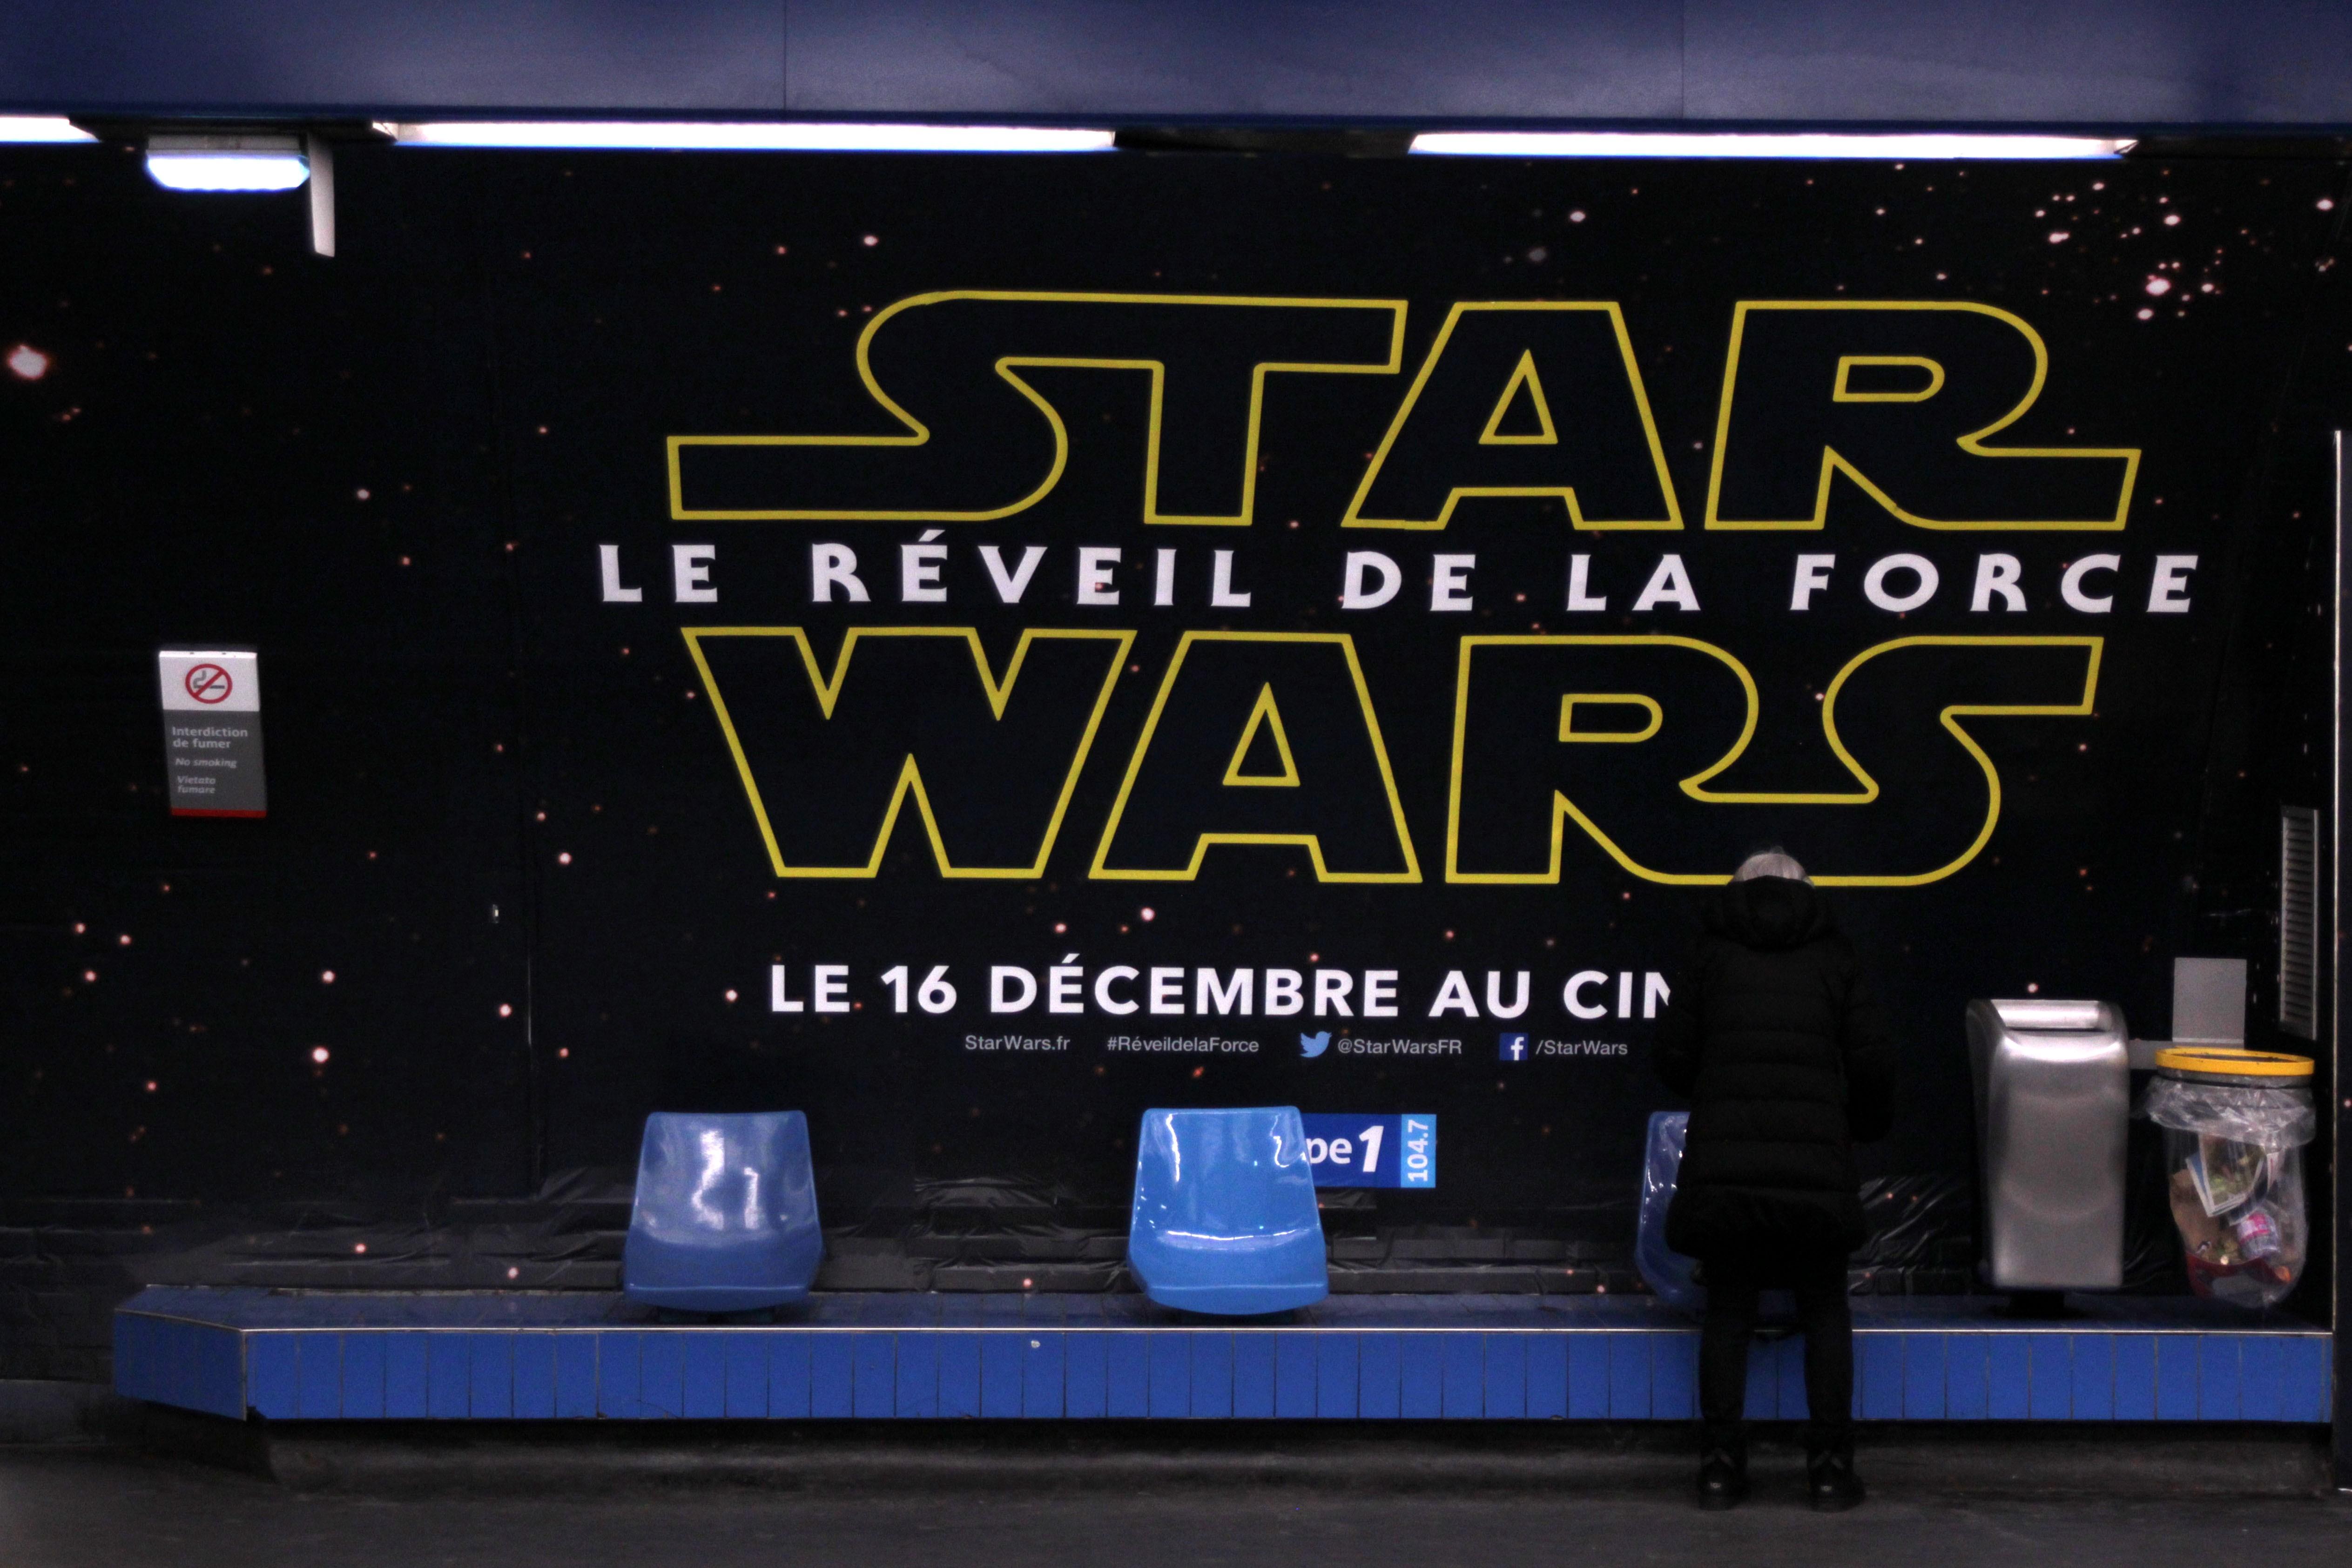 Седьмая часть Звездных войн собрала в прокате $100 млн за месяц до премьеры